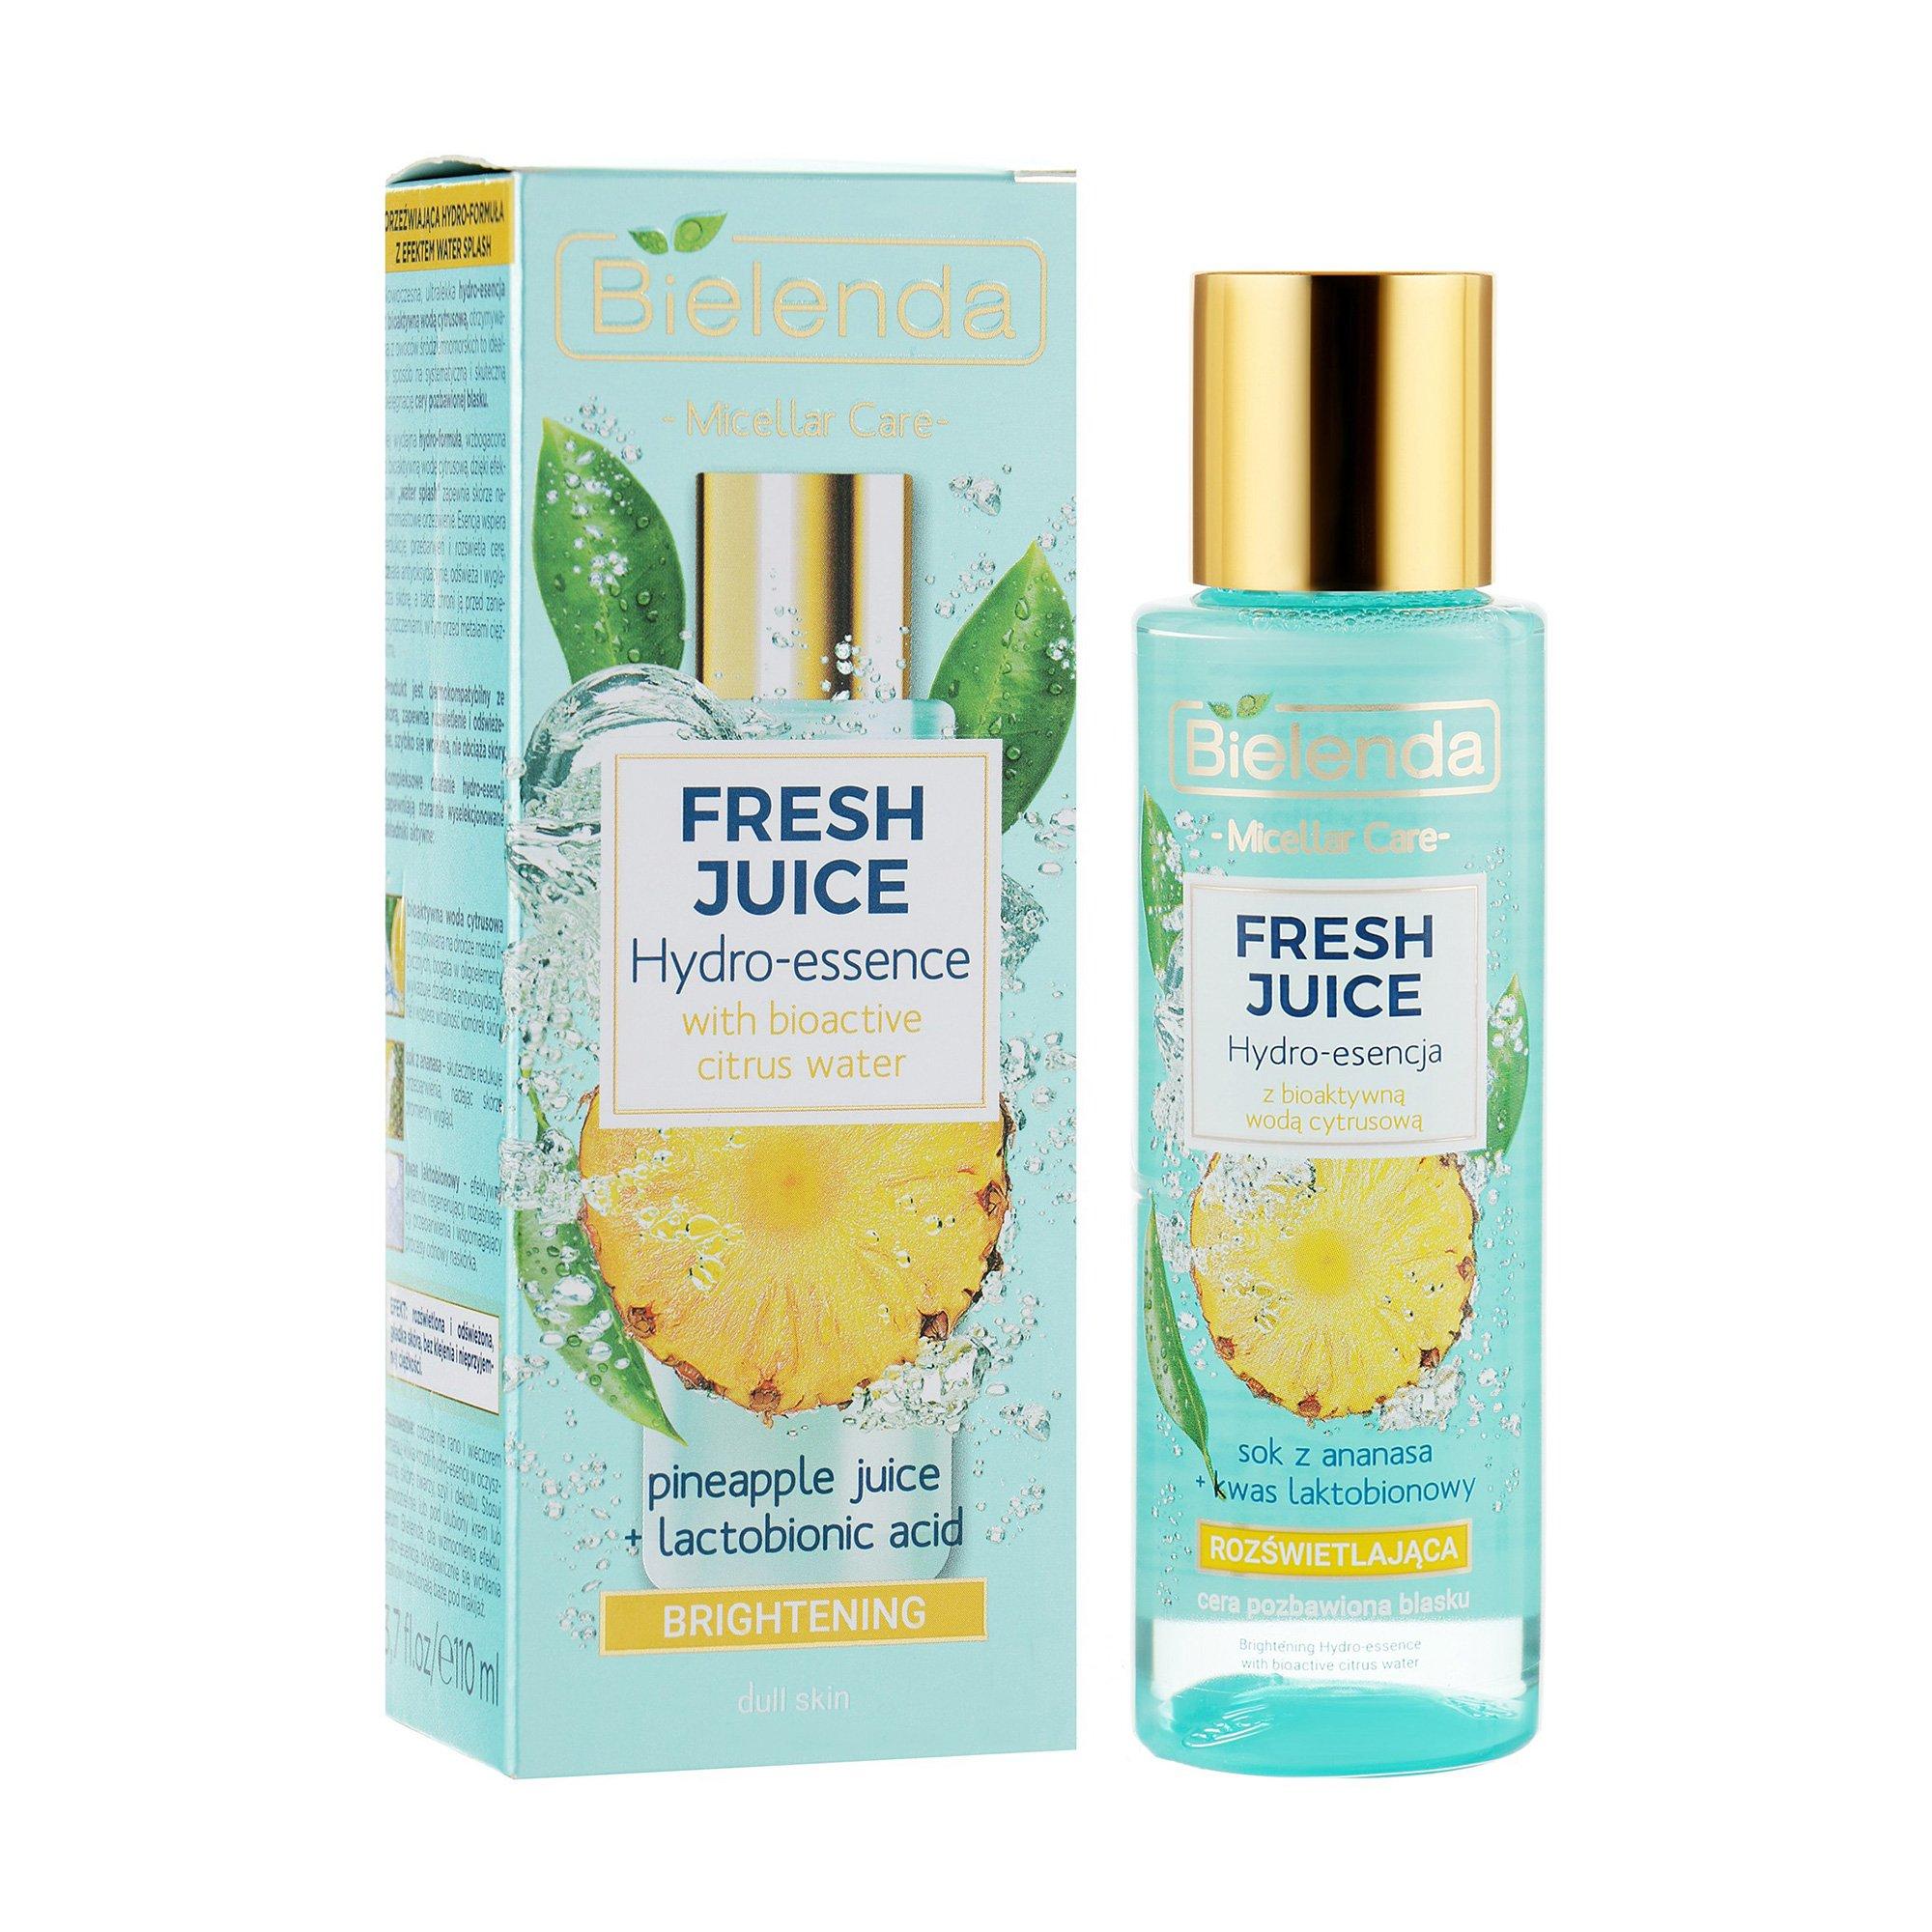 Гидроэссенция для ухода за лицом Bielenda Fresh juice осветляющая, ананас, 110 мл